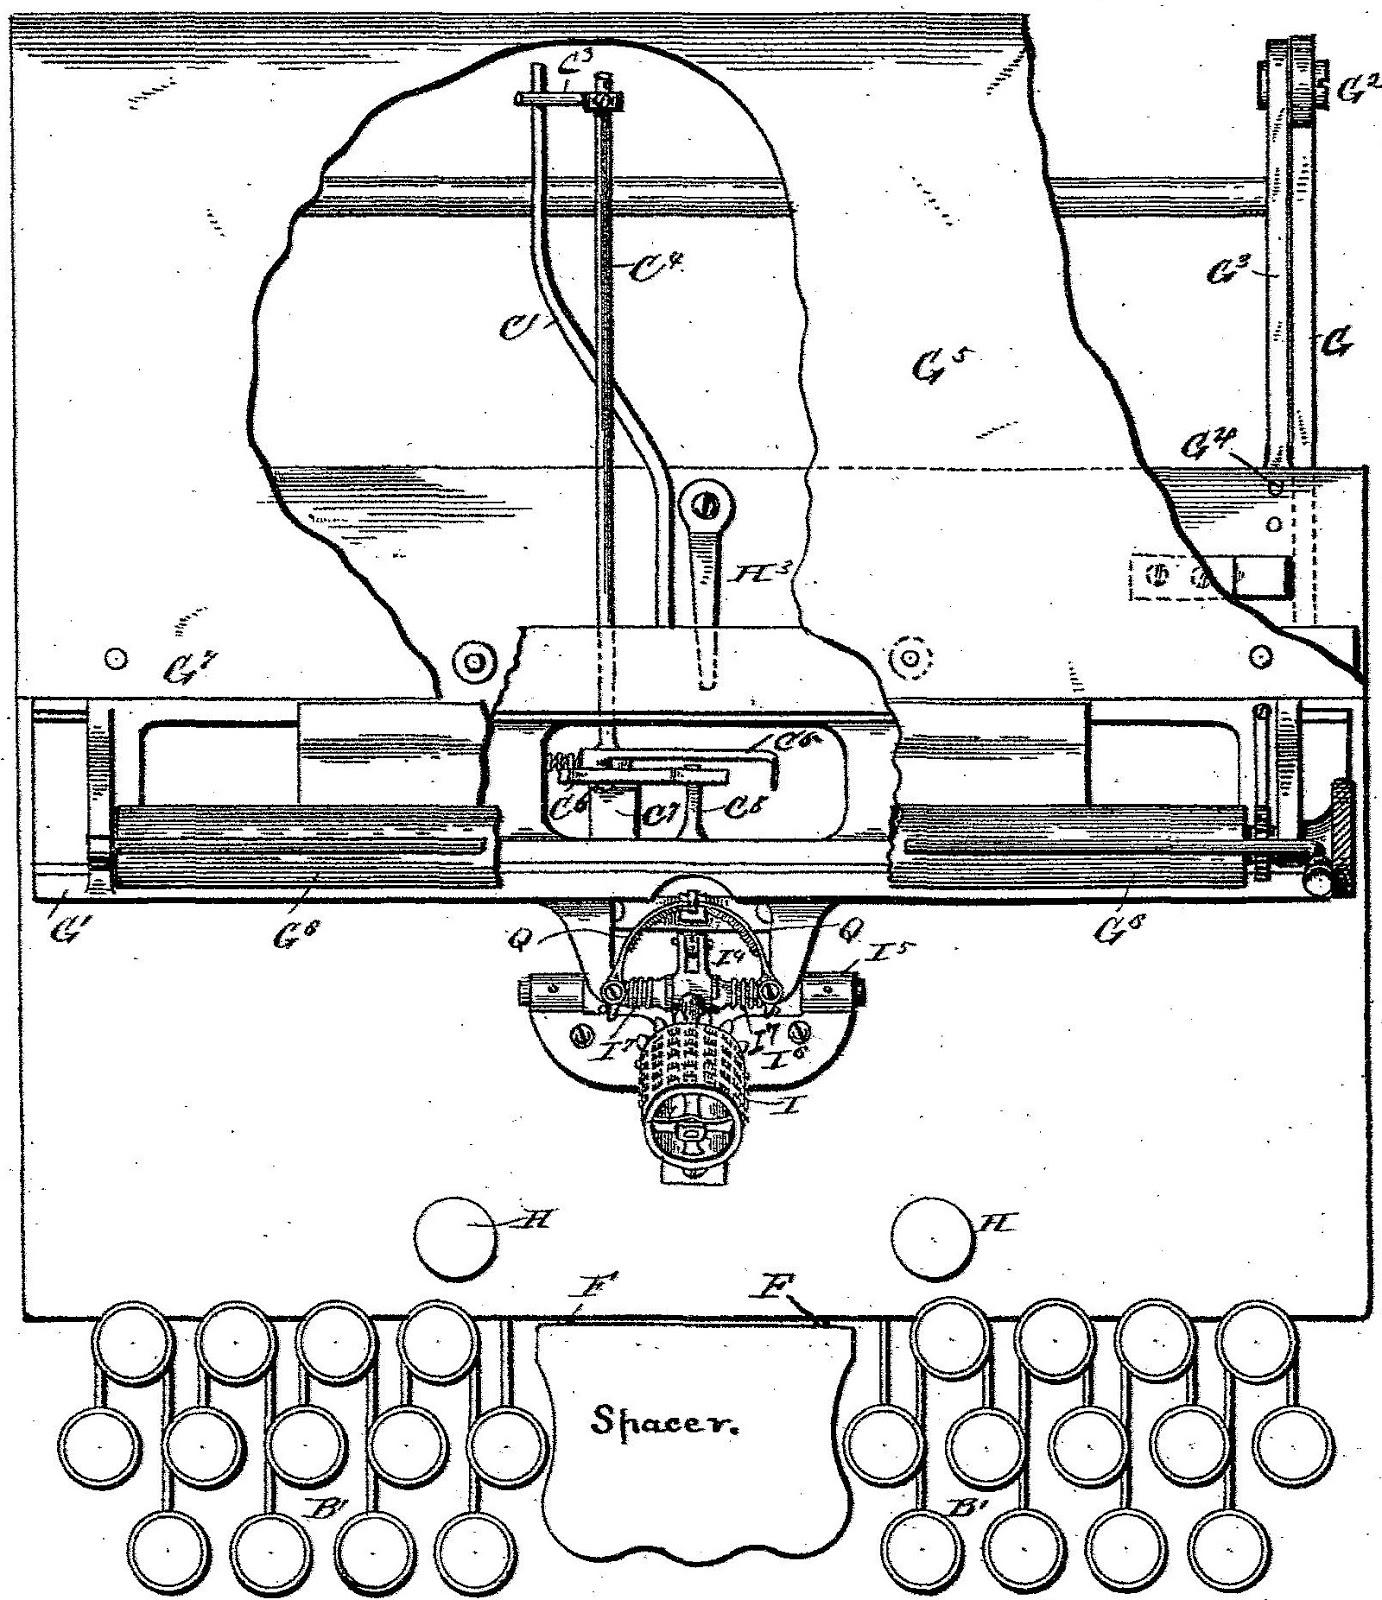 oz.Typewriter: On This Day in Typewriter History: Four